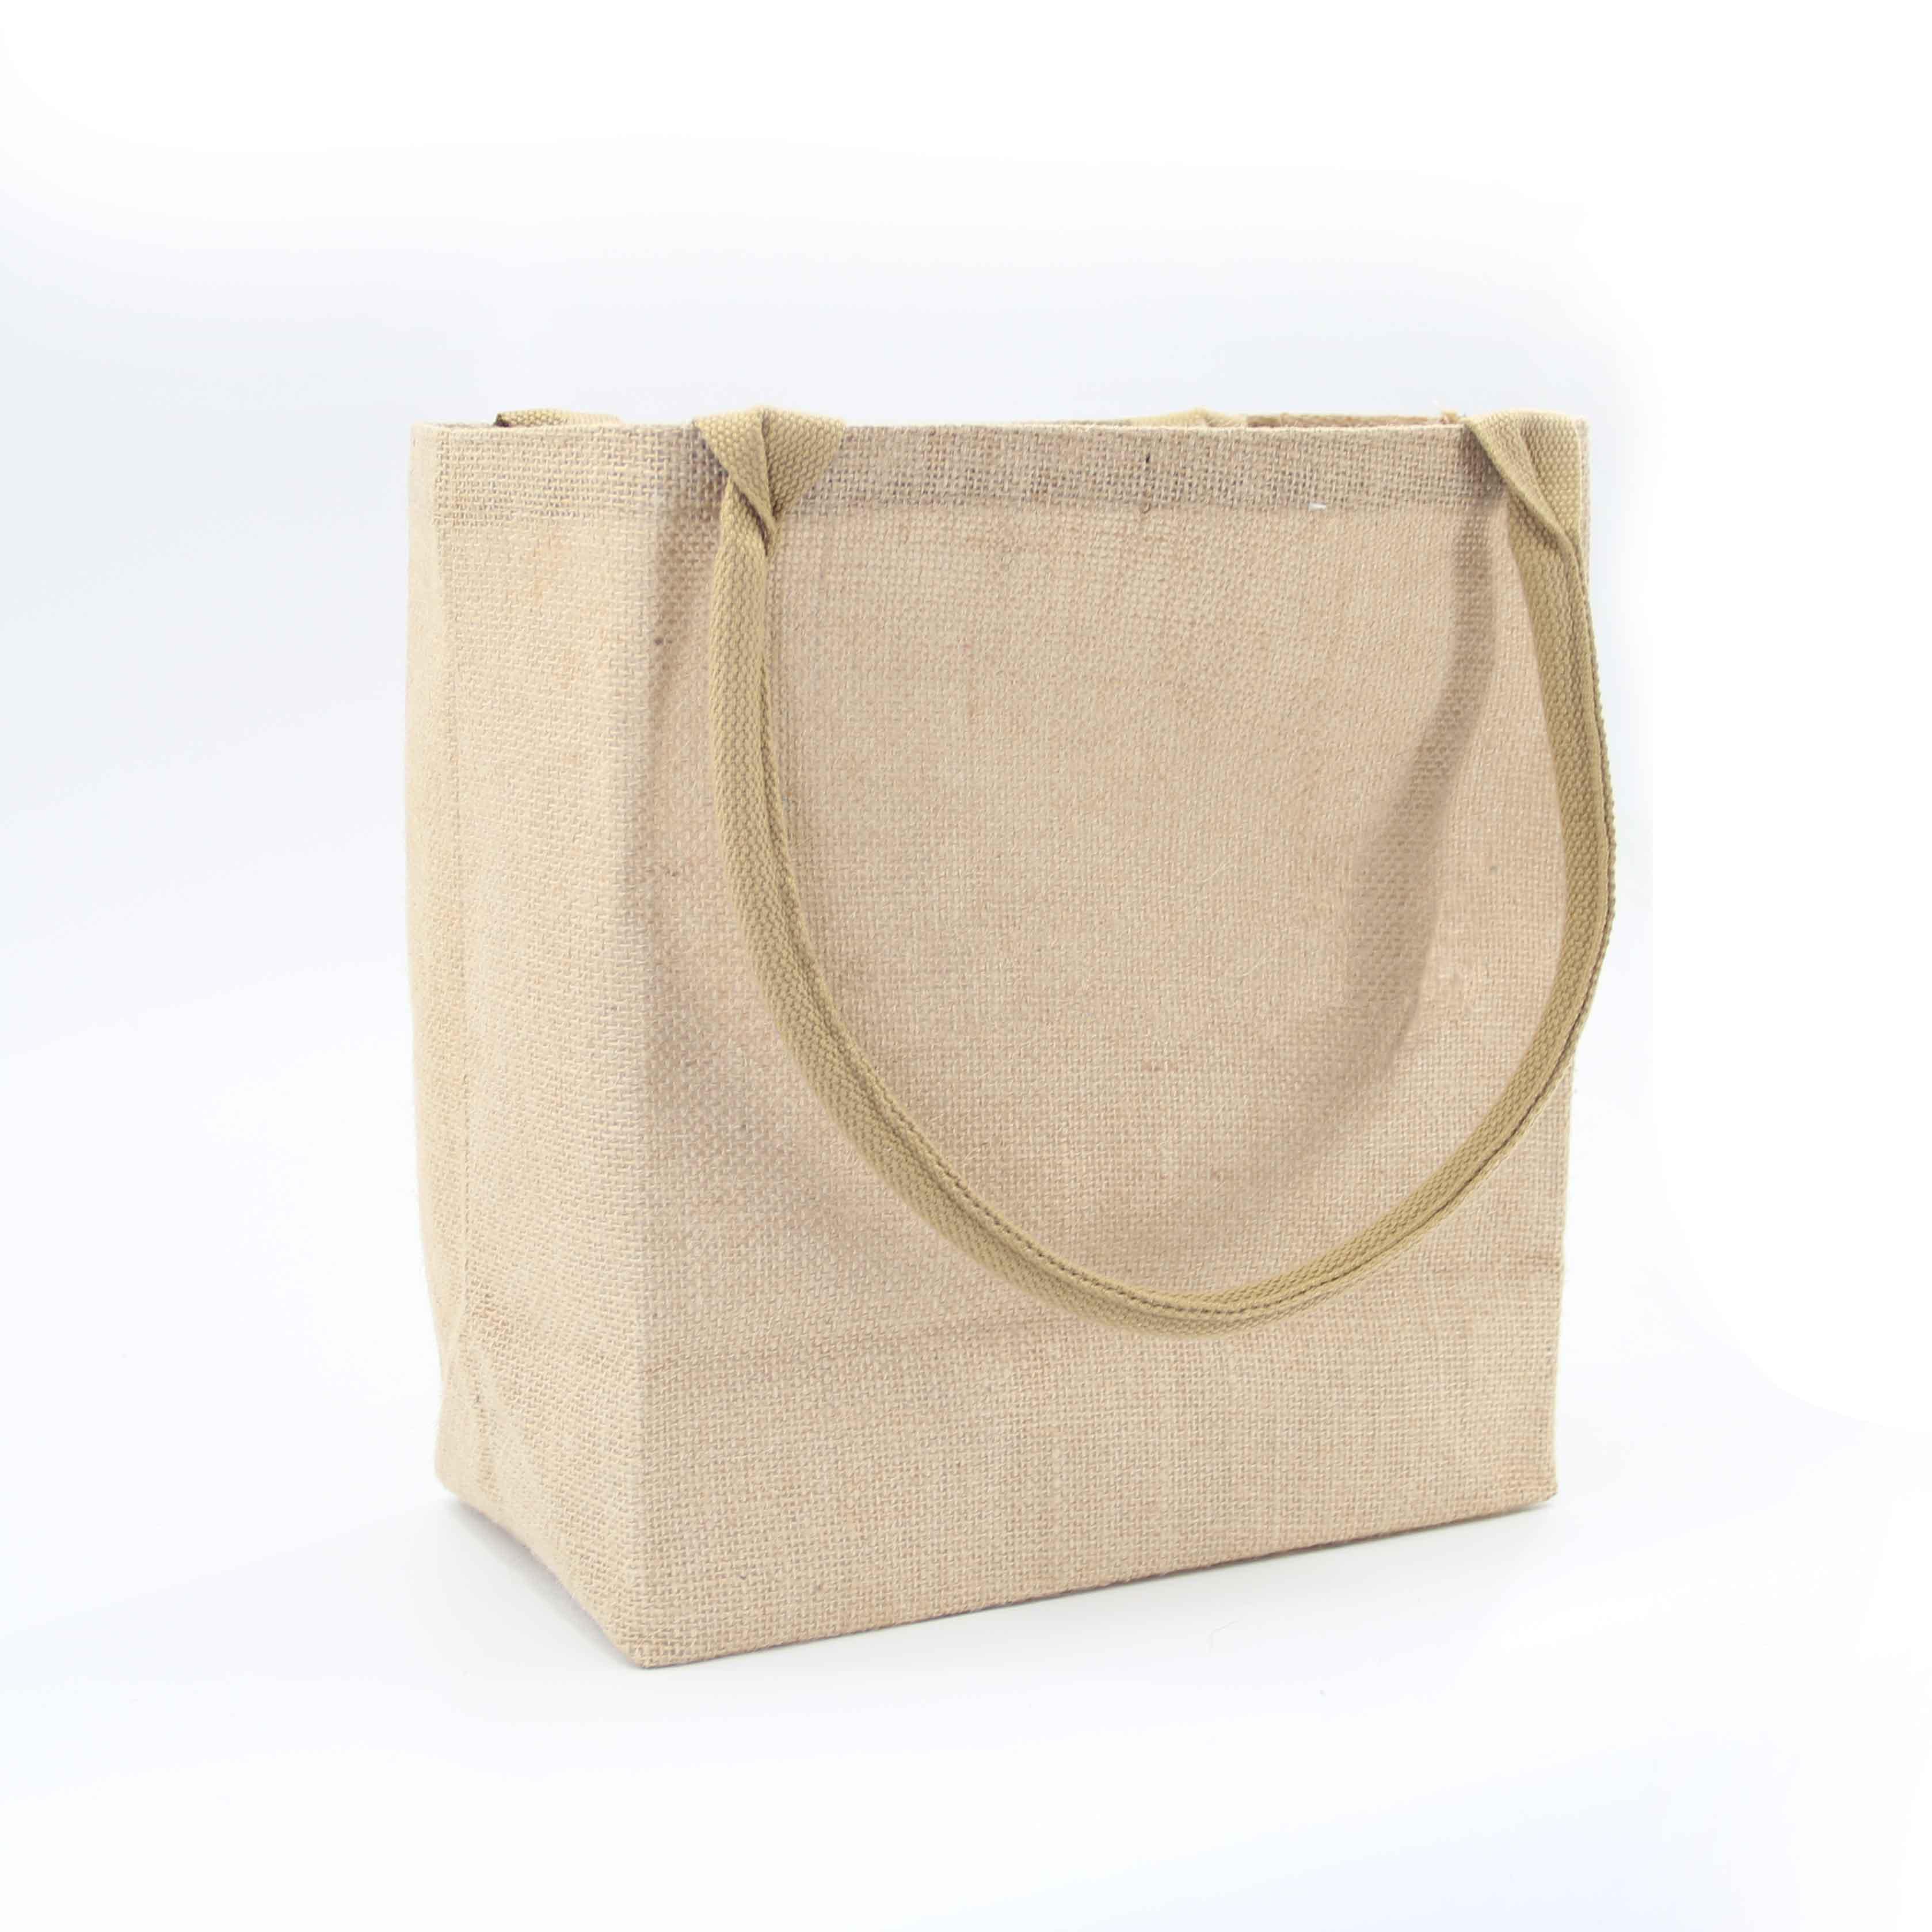 e12677c08a3 China Folding Shopping Bag Reusable